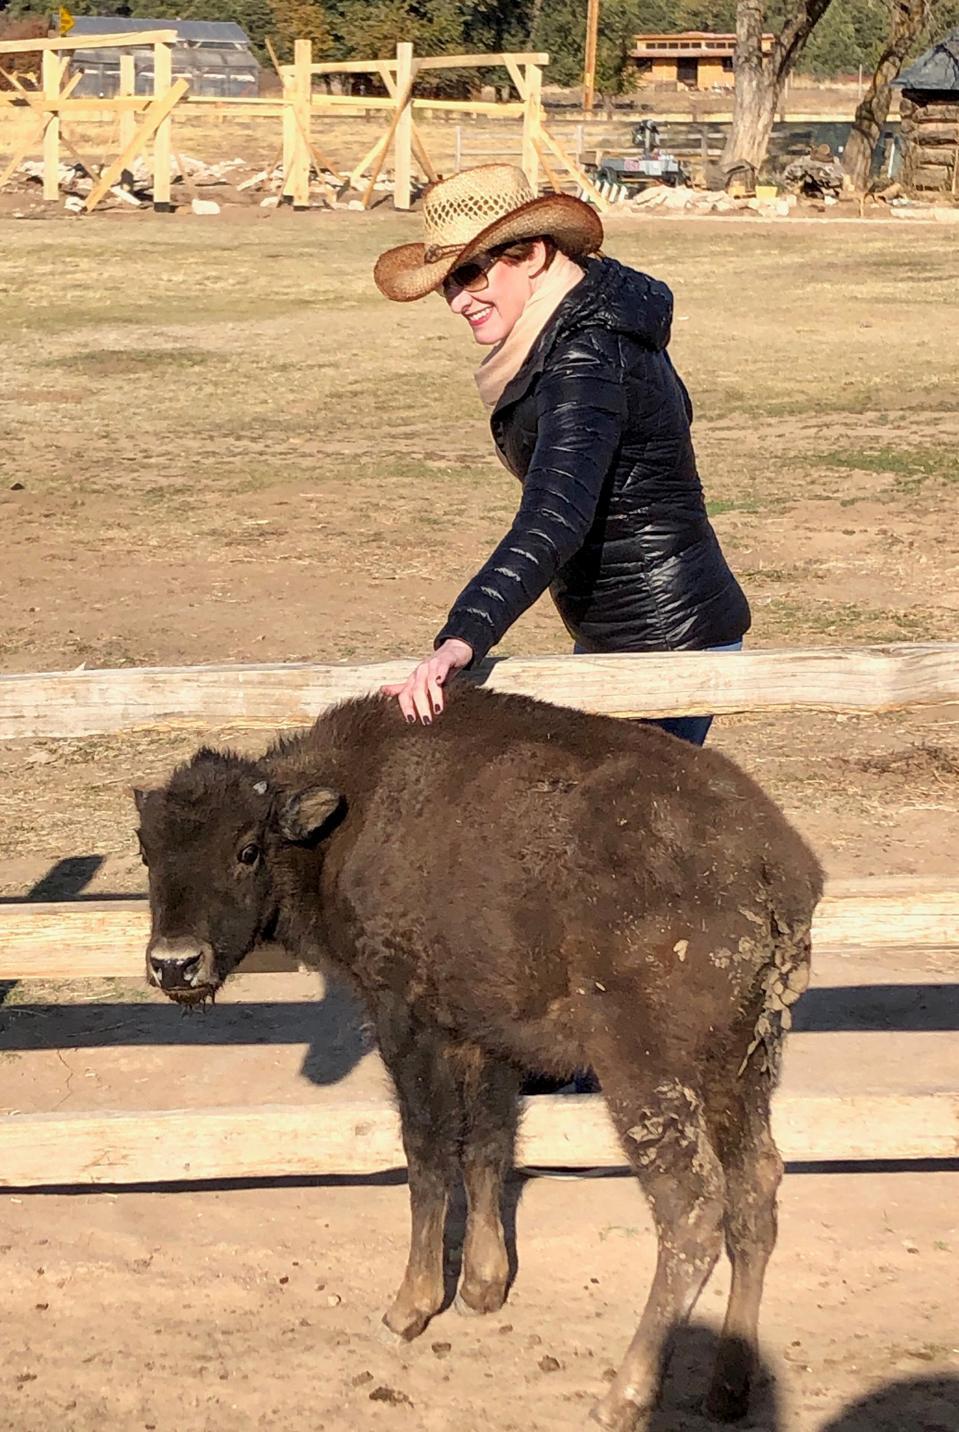 Hewan peliharaan panjang adalah bison bayi di sebuah peternakan di Utah.